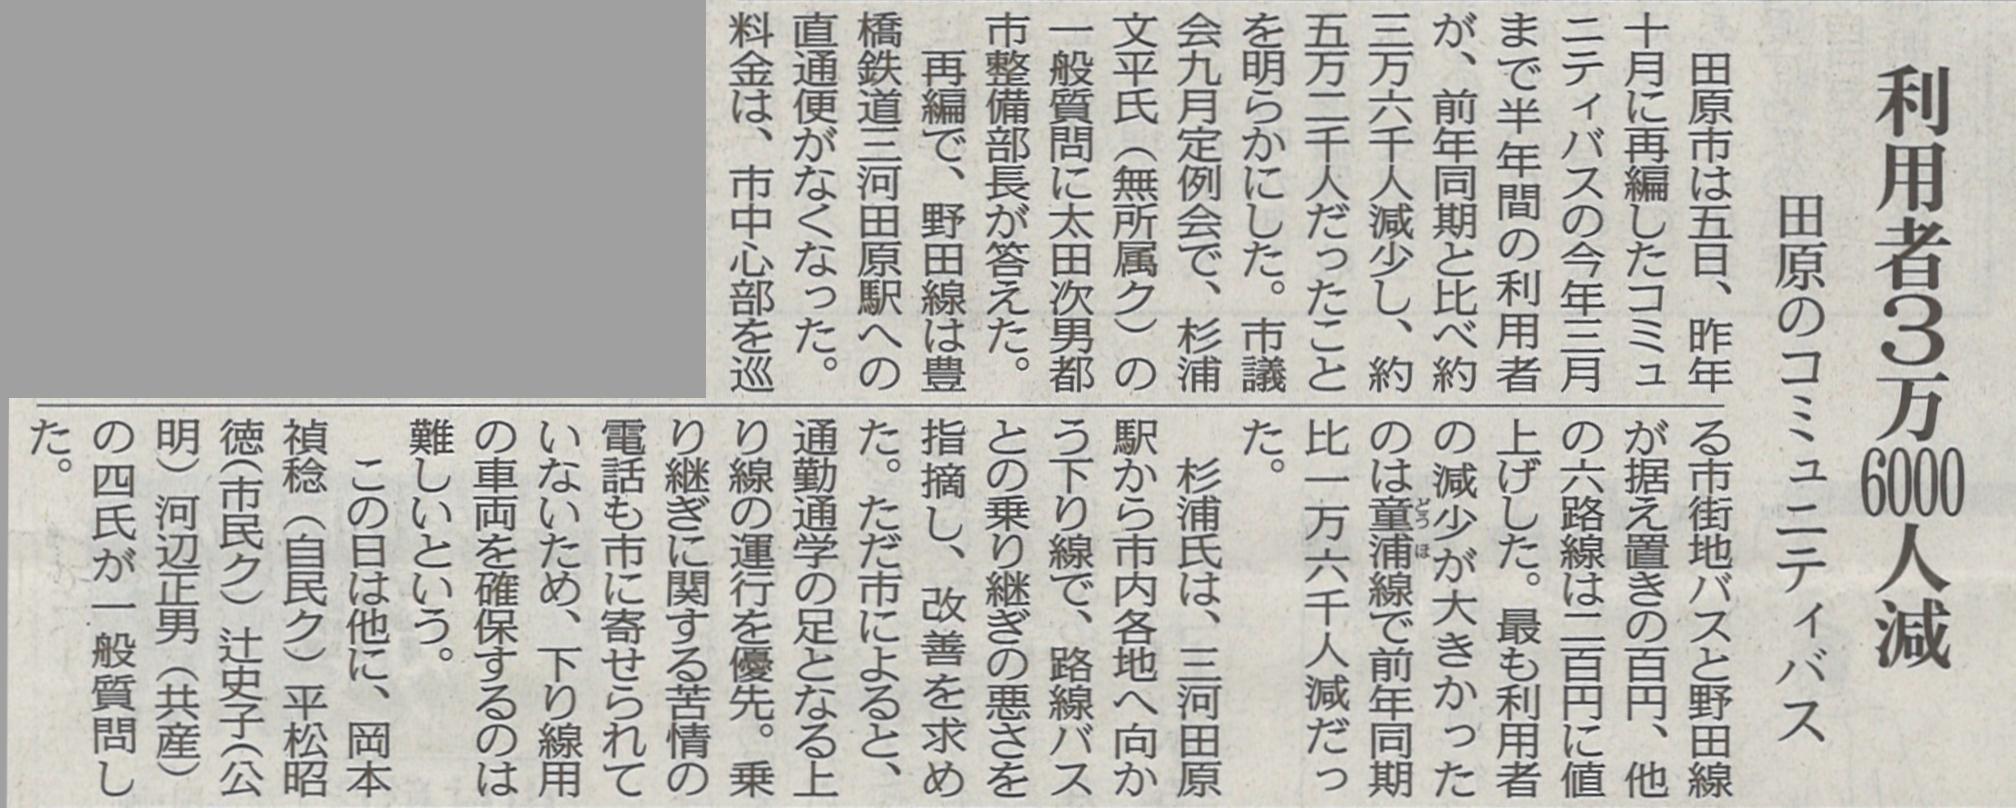 038_中日新聞新聞掲載「利用者3万6千人減」